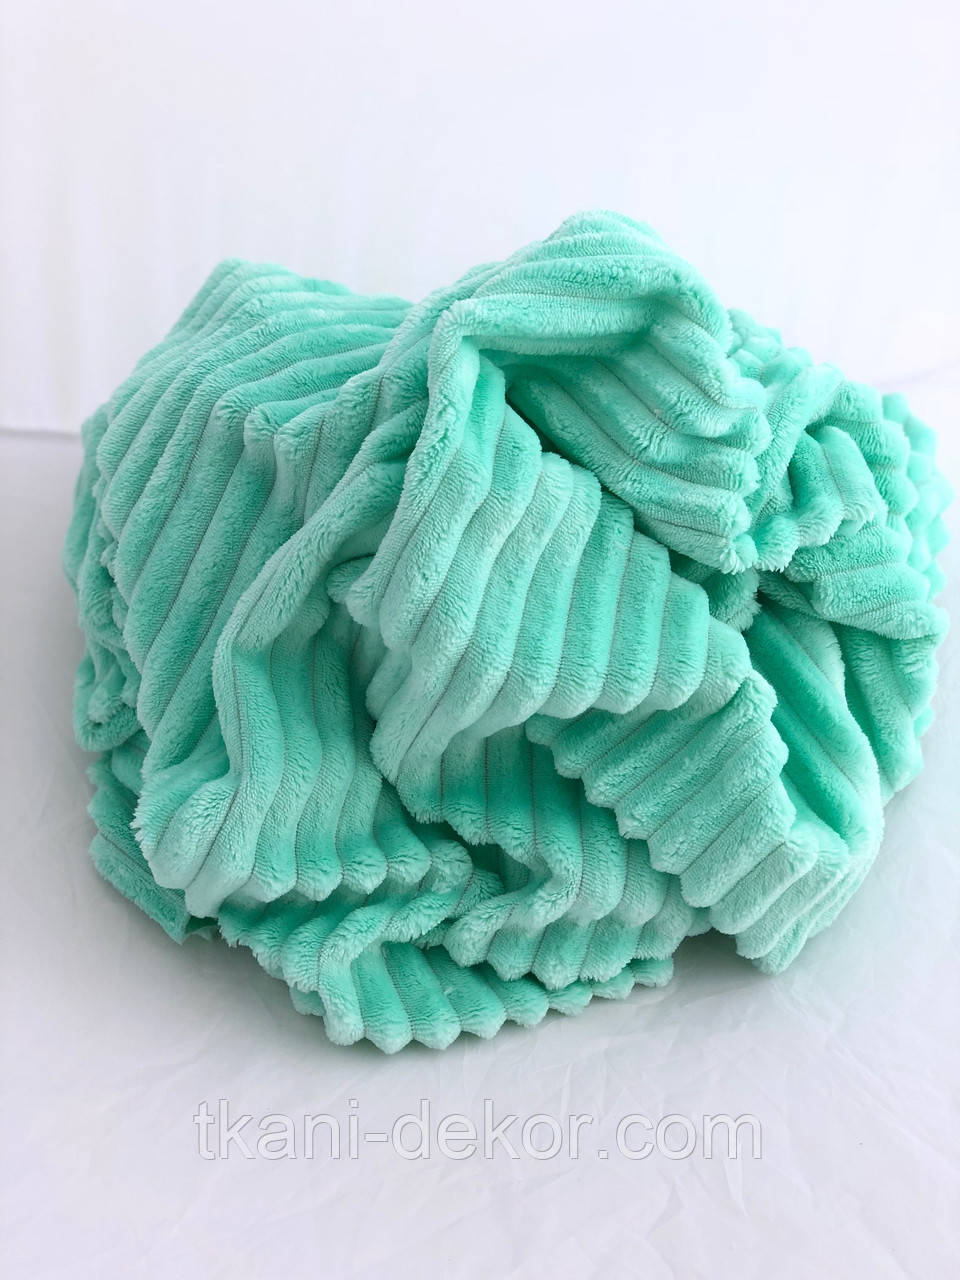 Ткань плюшевая Minky Stripes мятный (шарпей)